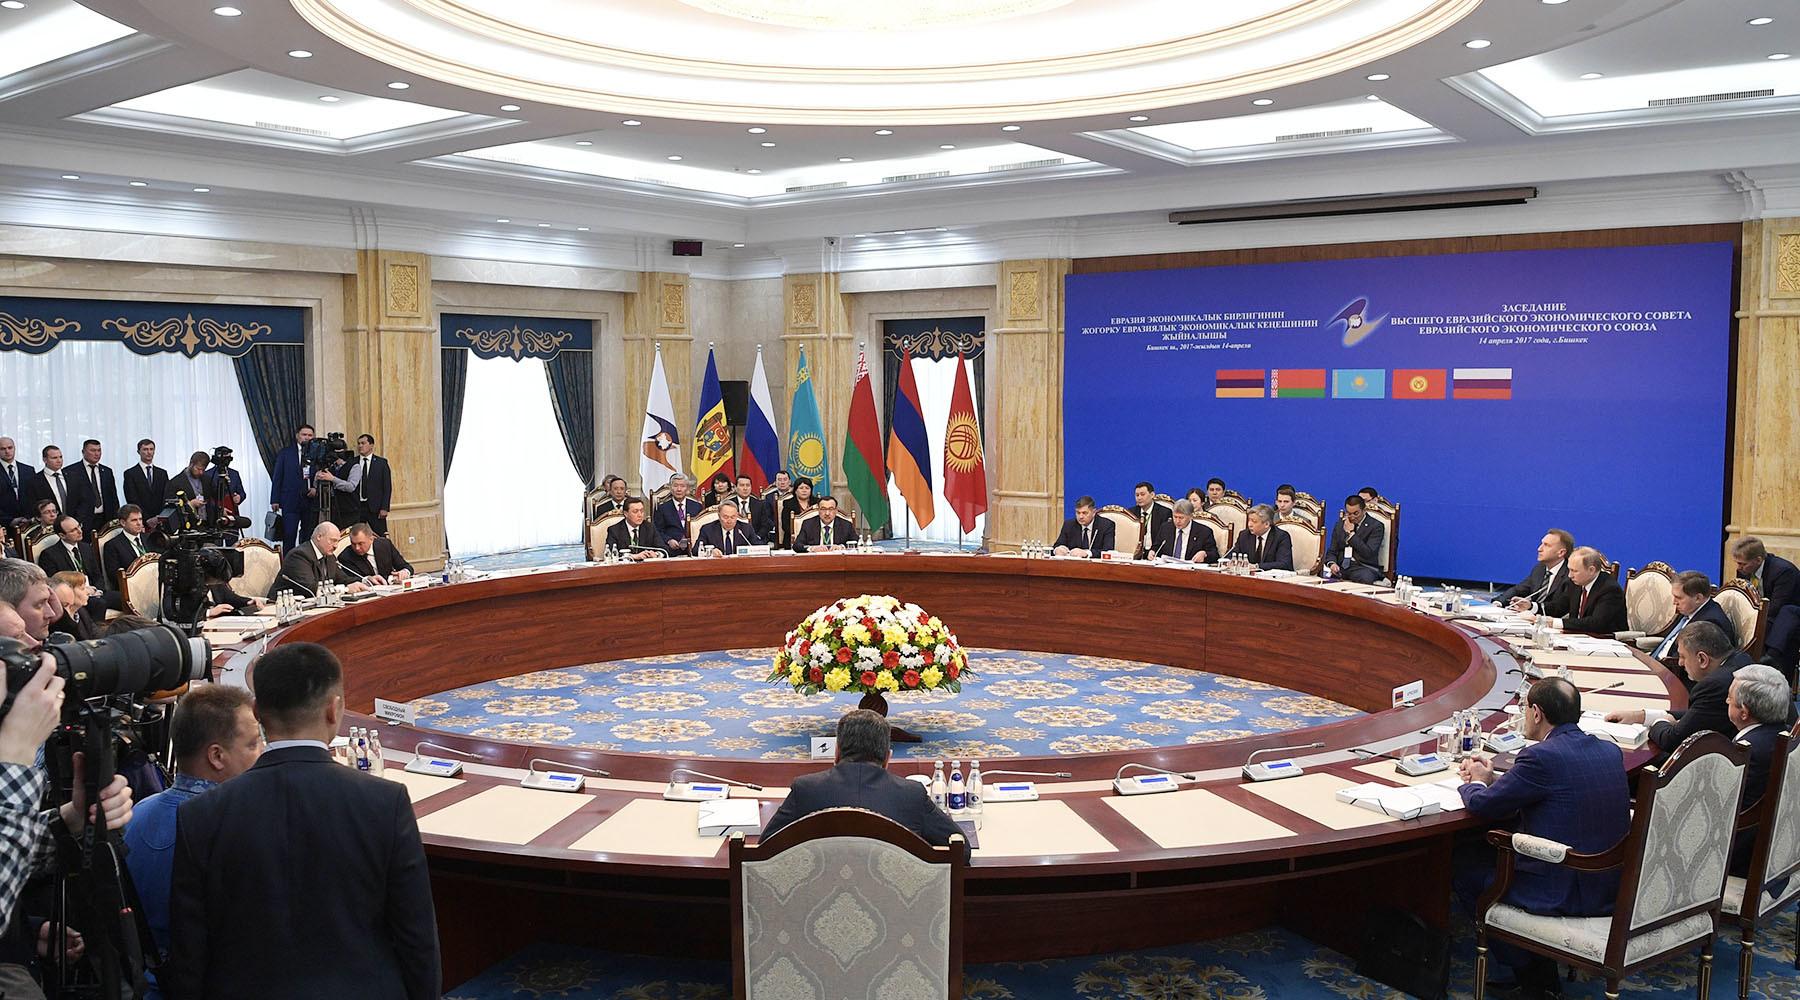 Сломанные ограничения: почему западные санкции не могут остановить рост экономик России и Белоруссии